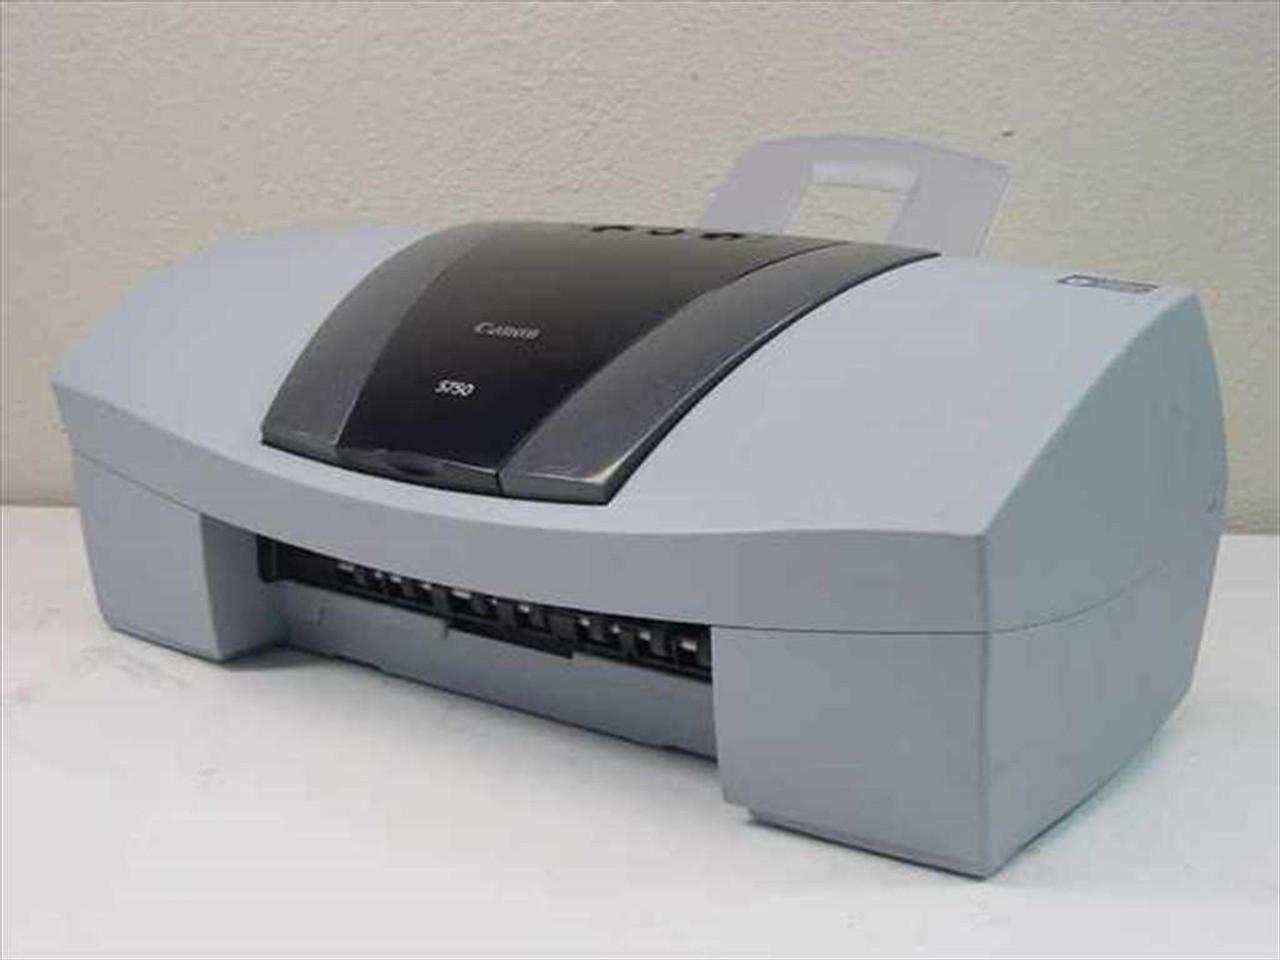 CANNON S750 PRINTER DRIVER FOR MAC